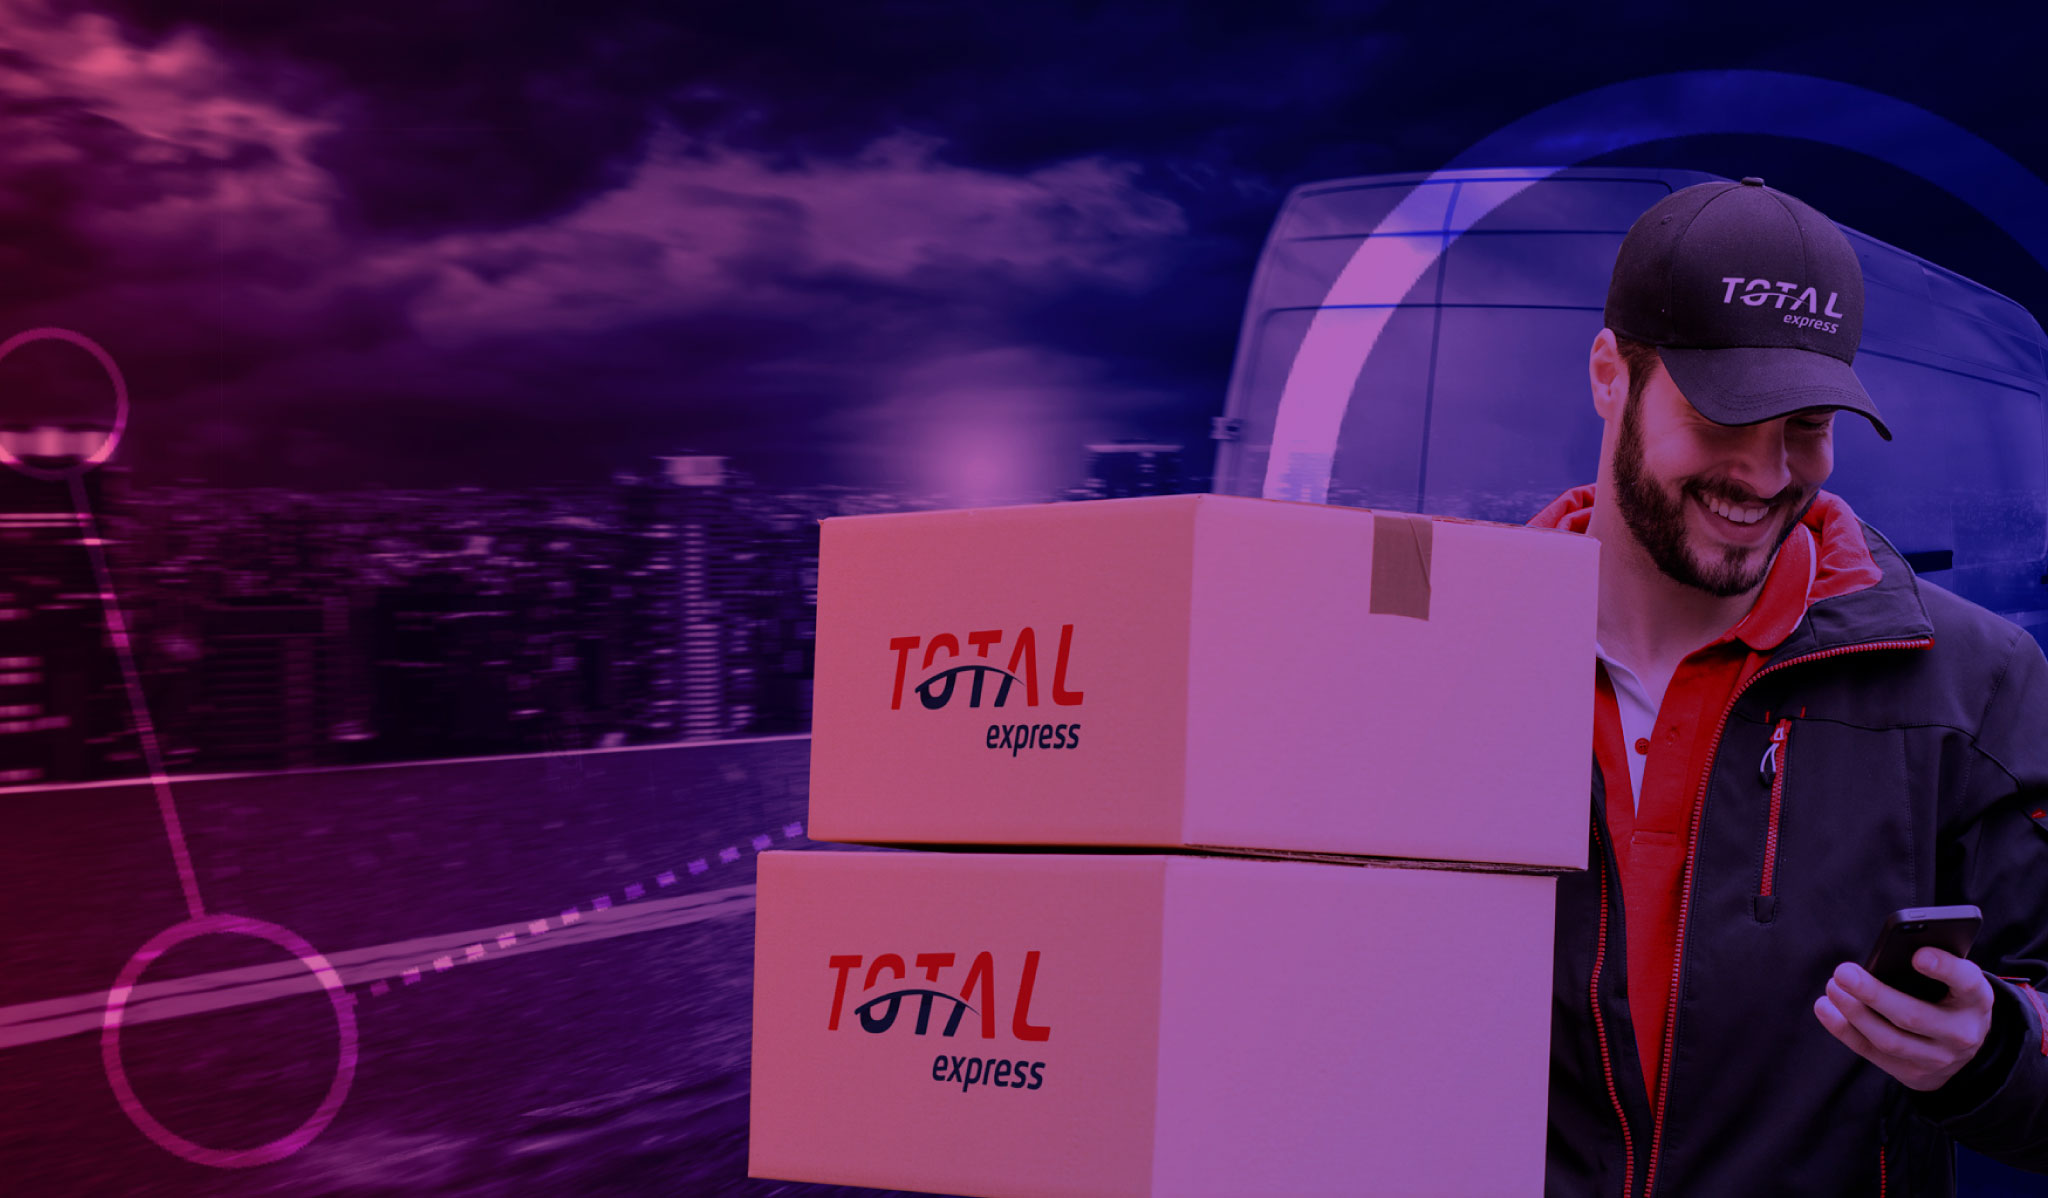 Comprou, chegou: conheça as vantagens da entrega expressa da Total Express